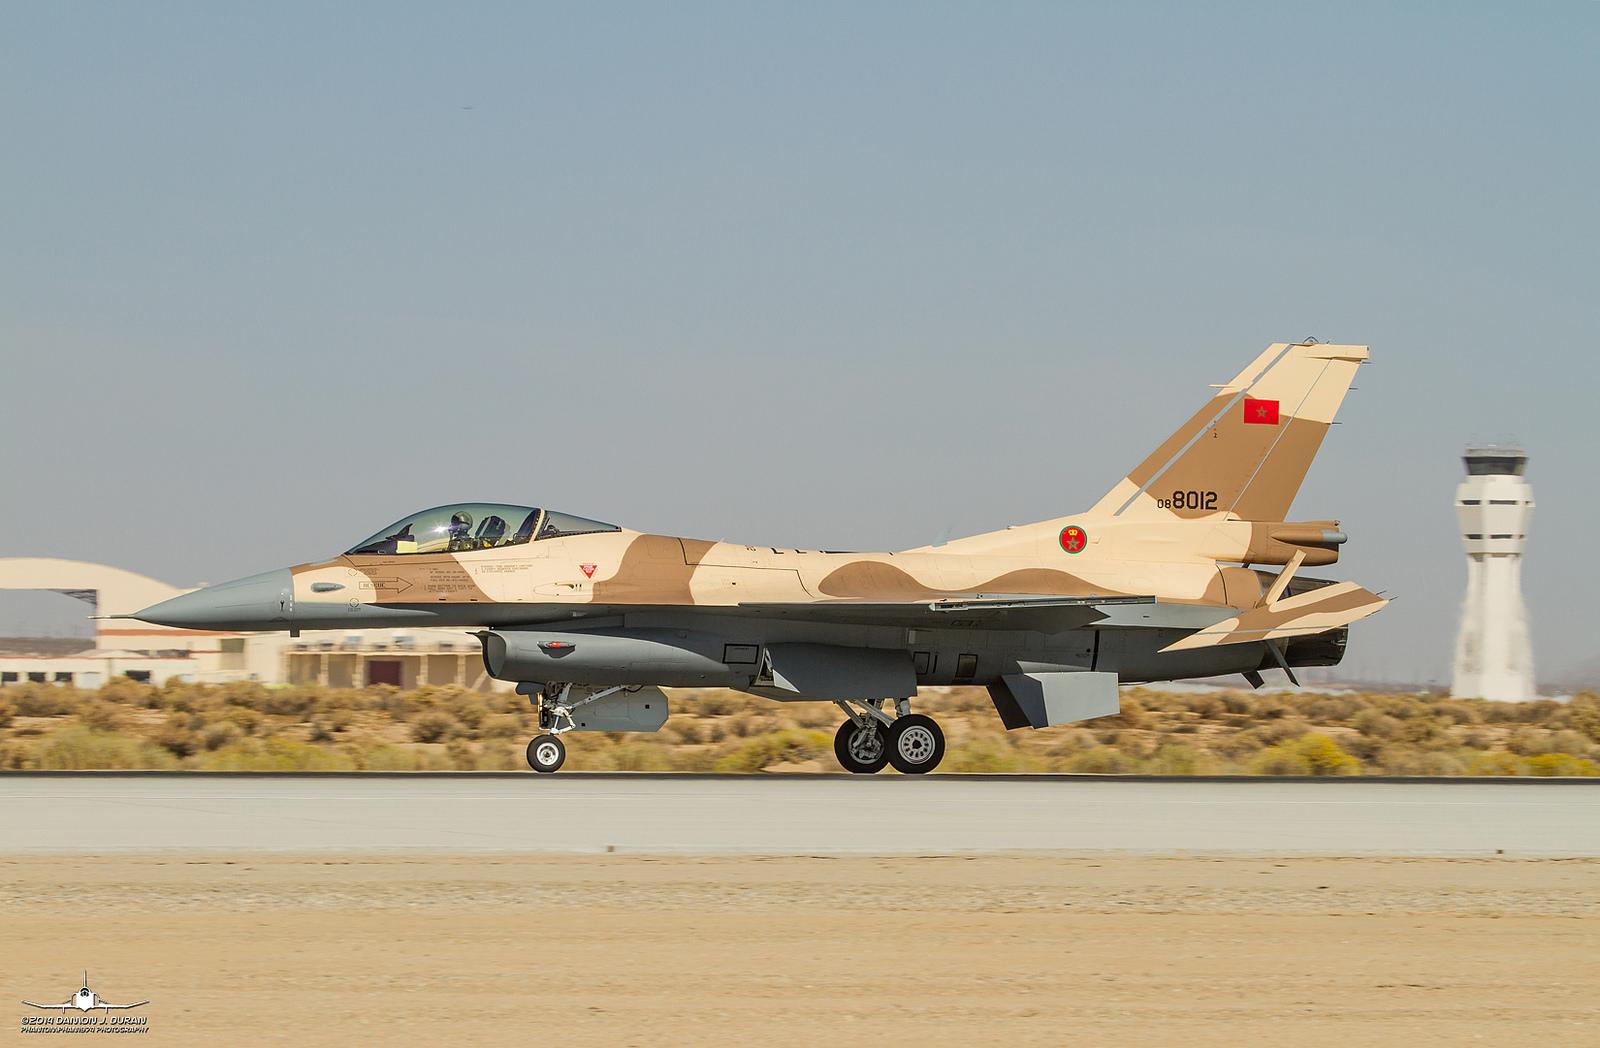 القوات الجوية الملكية المغربية - متجدد - 818689153734510904f2584c10eh